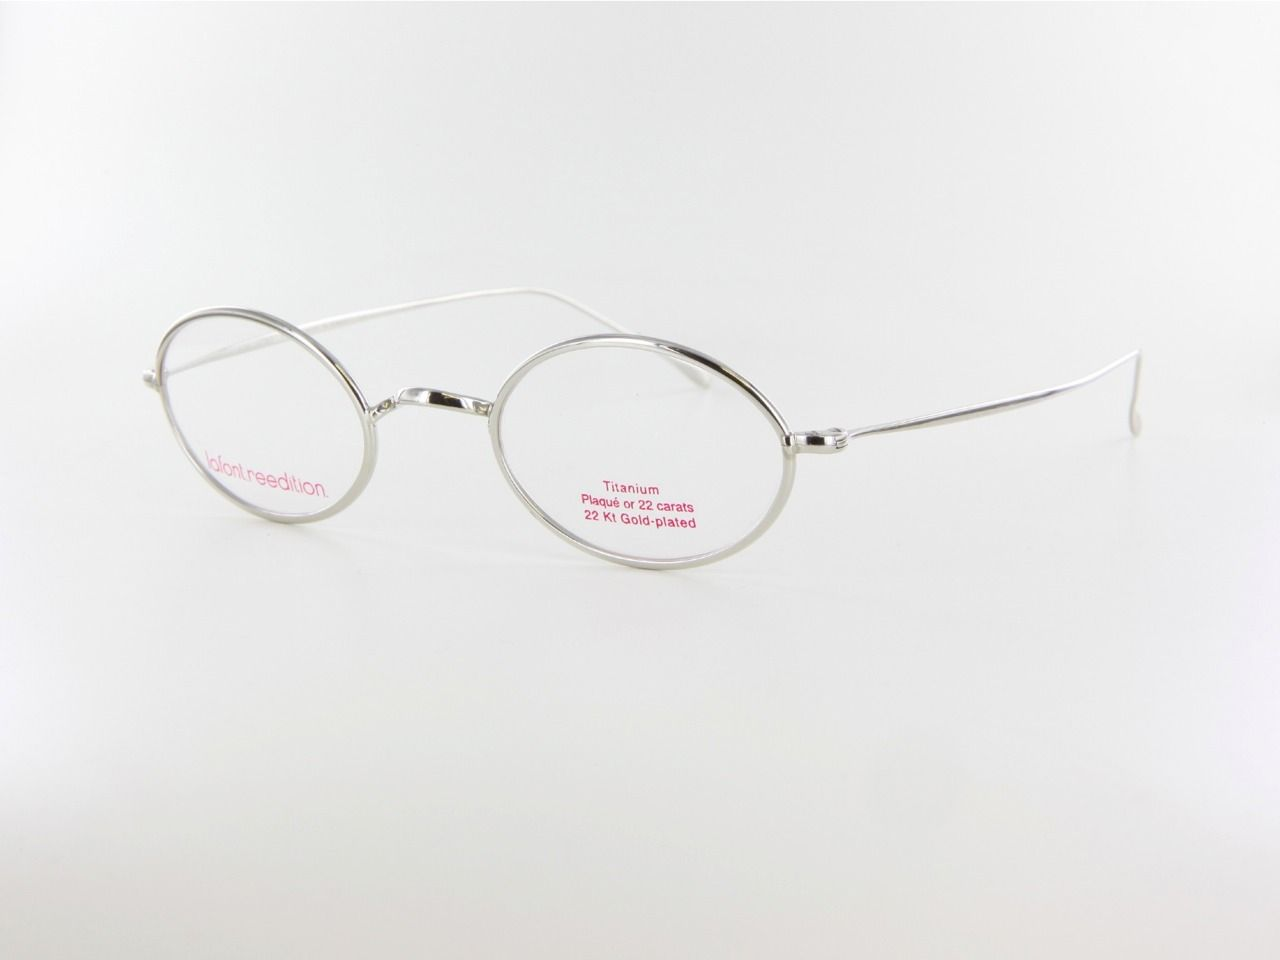 Gemütlich Repaint Brillenfassungen Bilder - Benutzerdefinierte ...